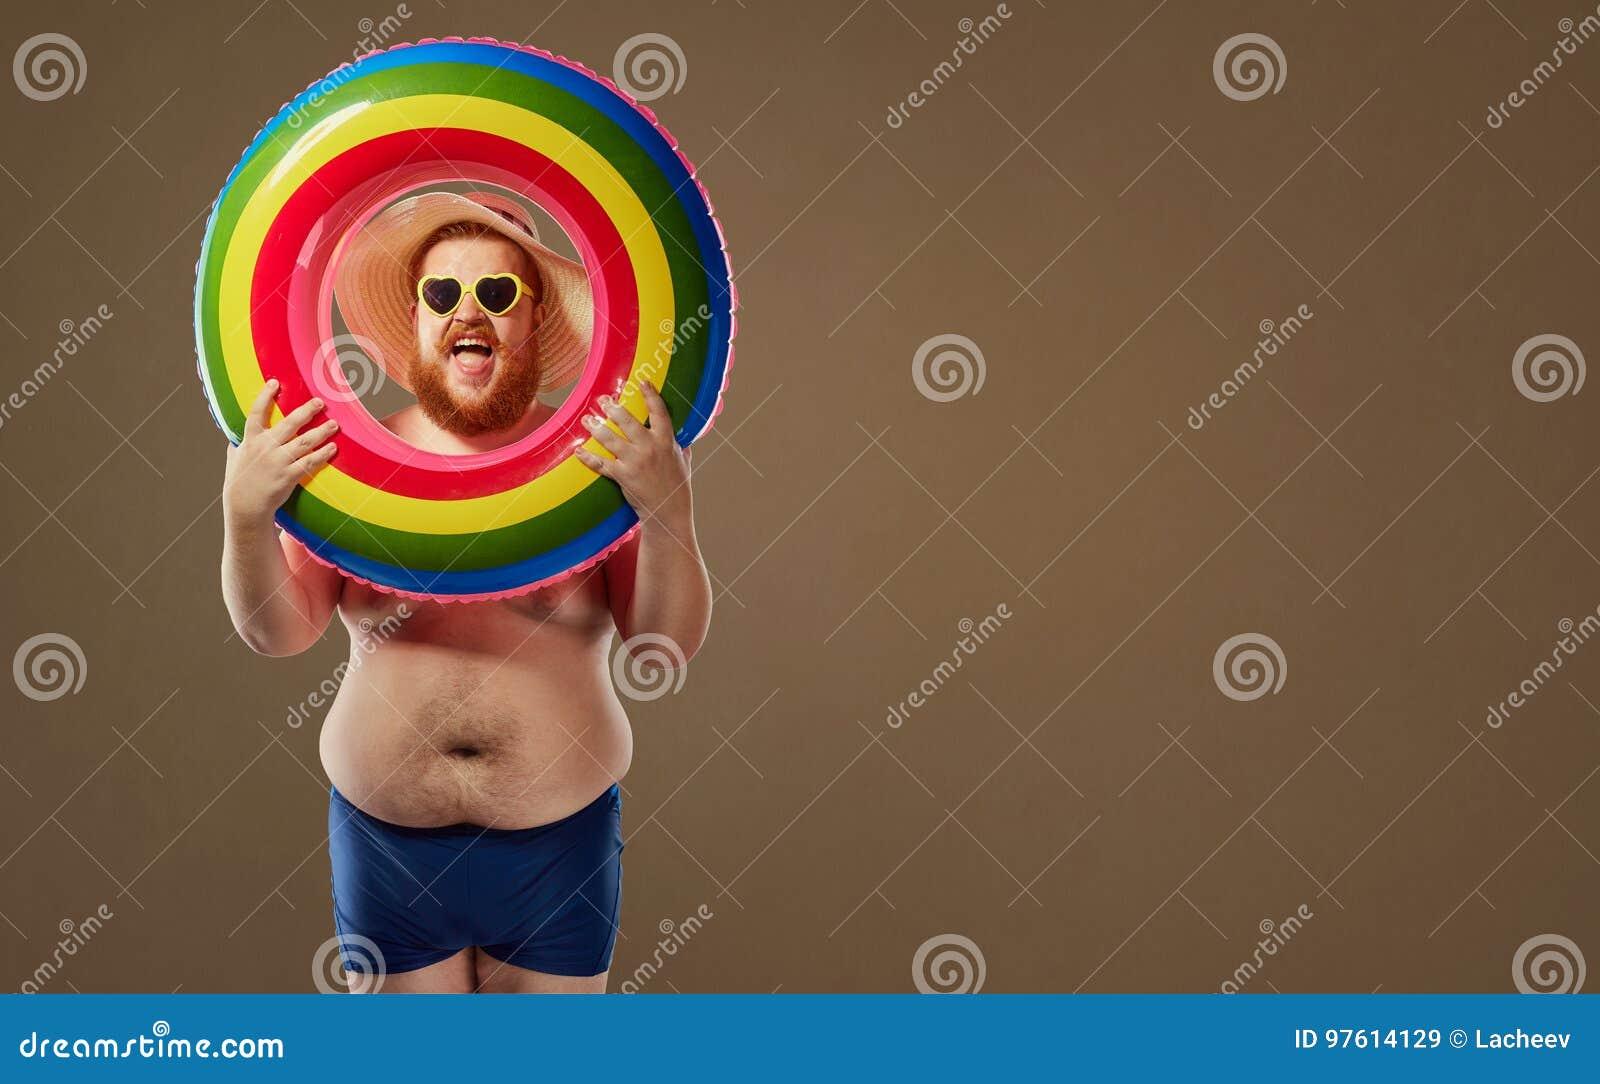 Uomo divertente spesso che sorride in un costume da bagno con un cerchio gonfiabile